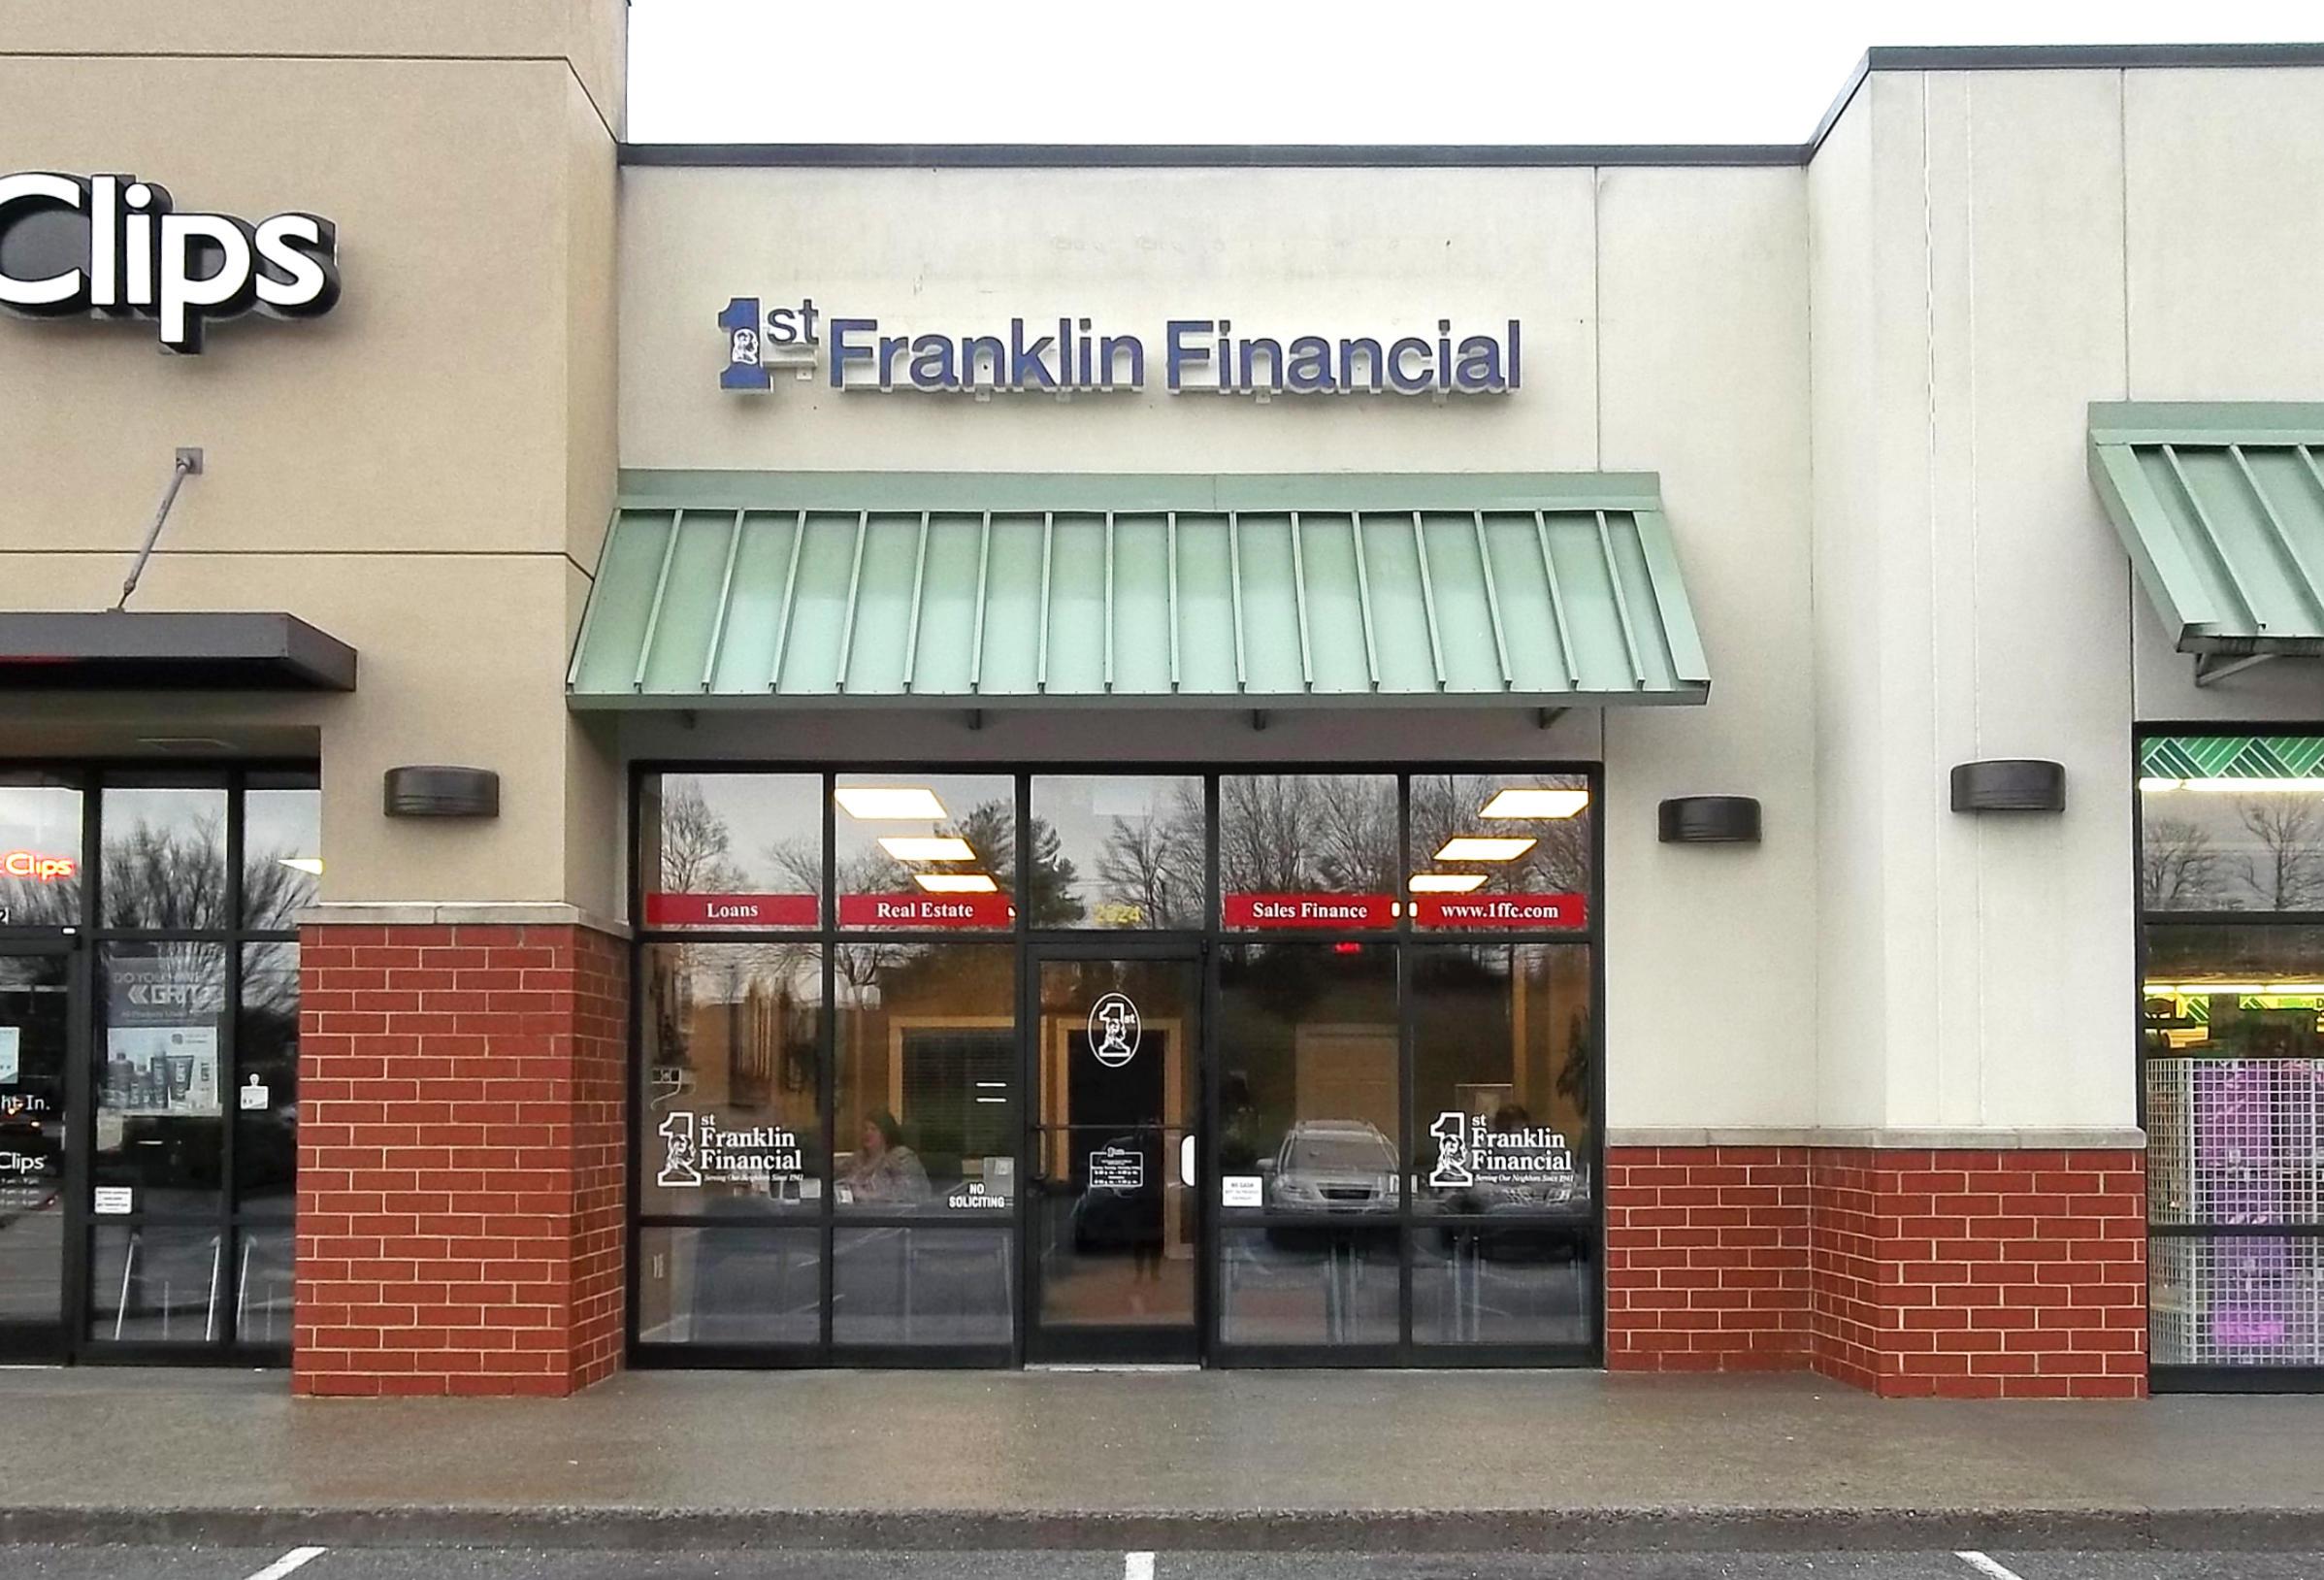 Bad credit no guarantor loans image 10